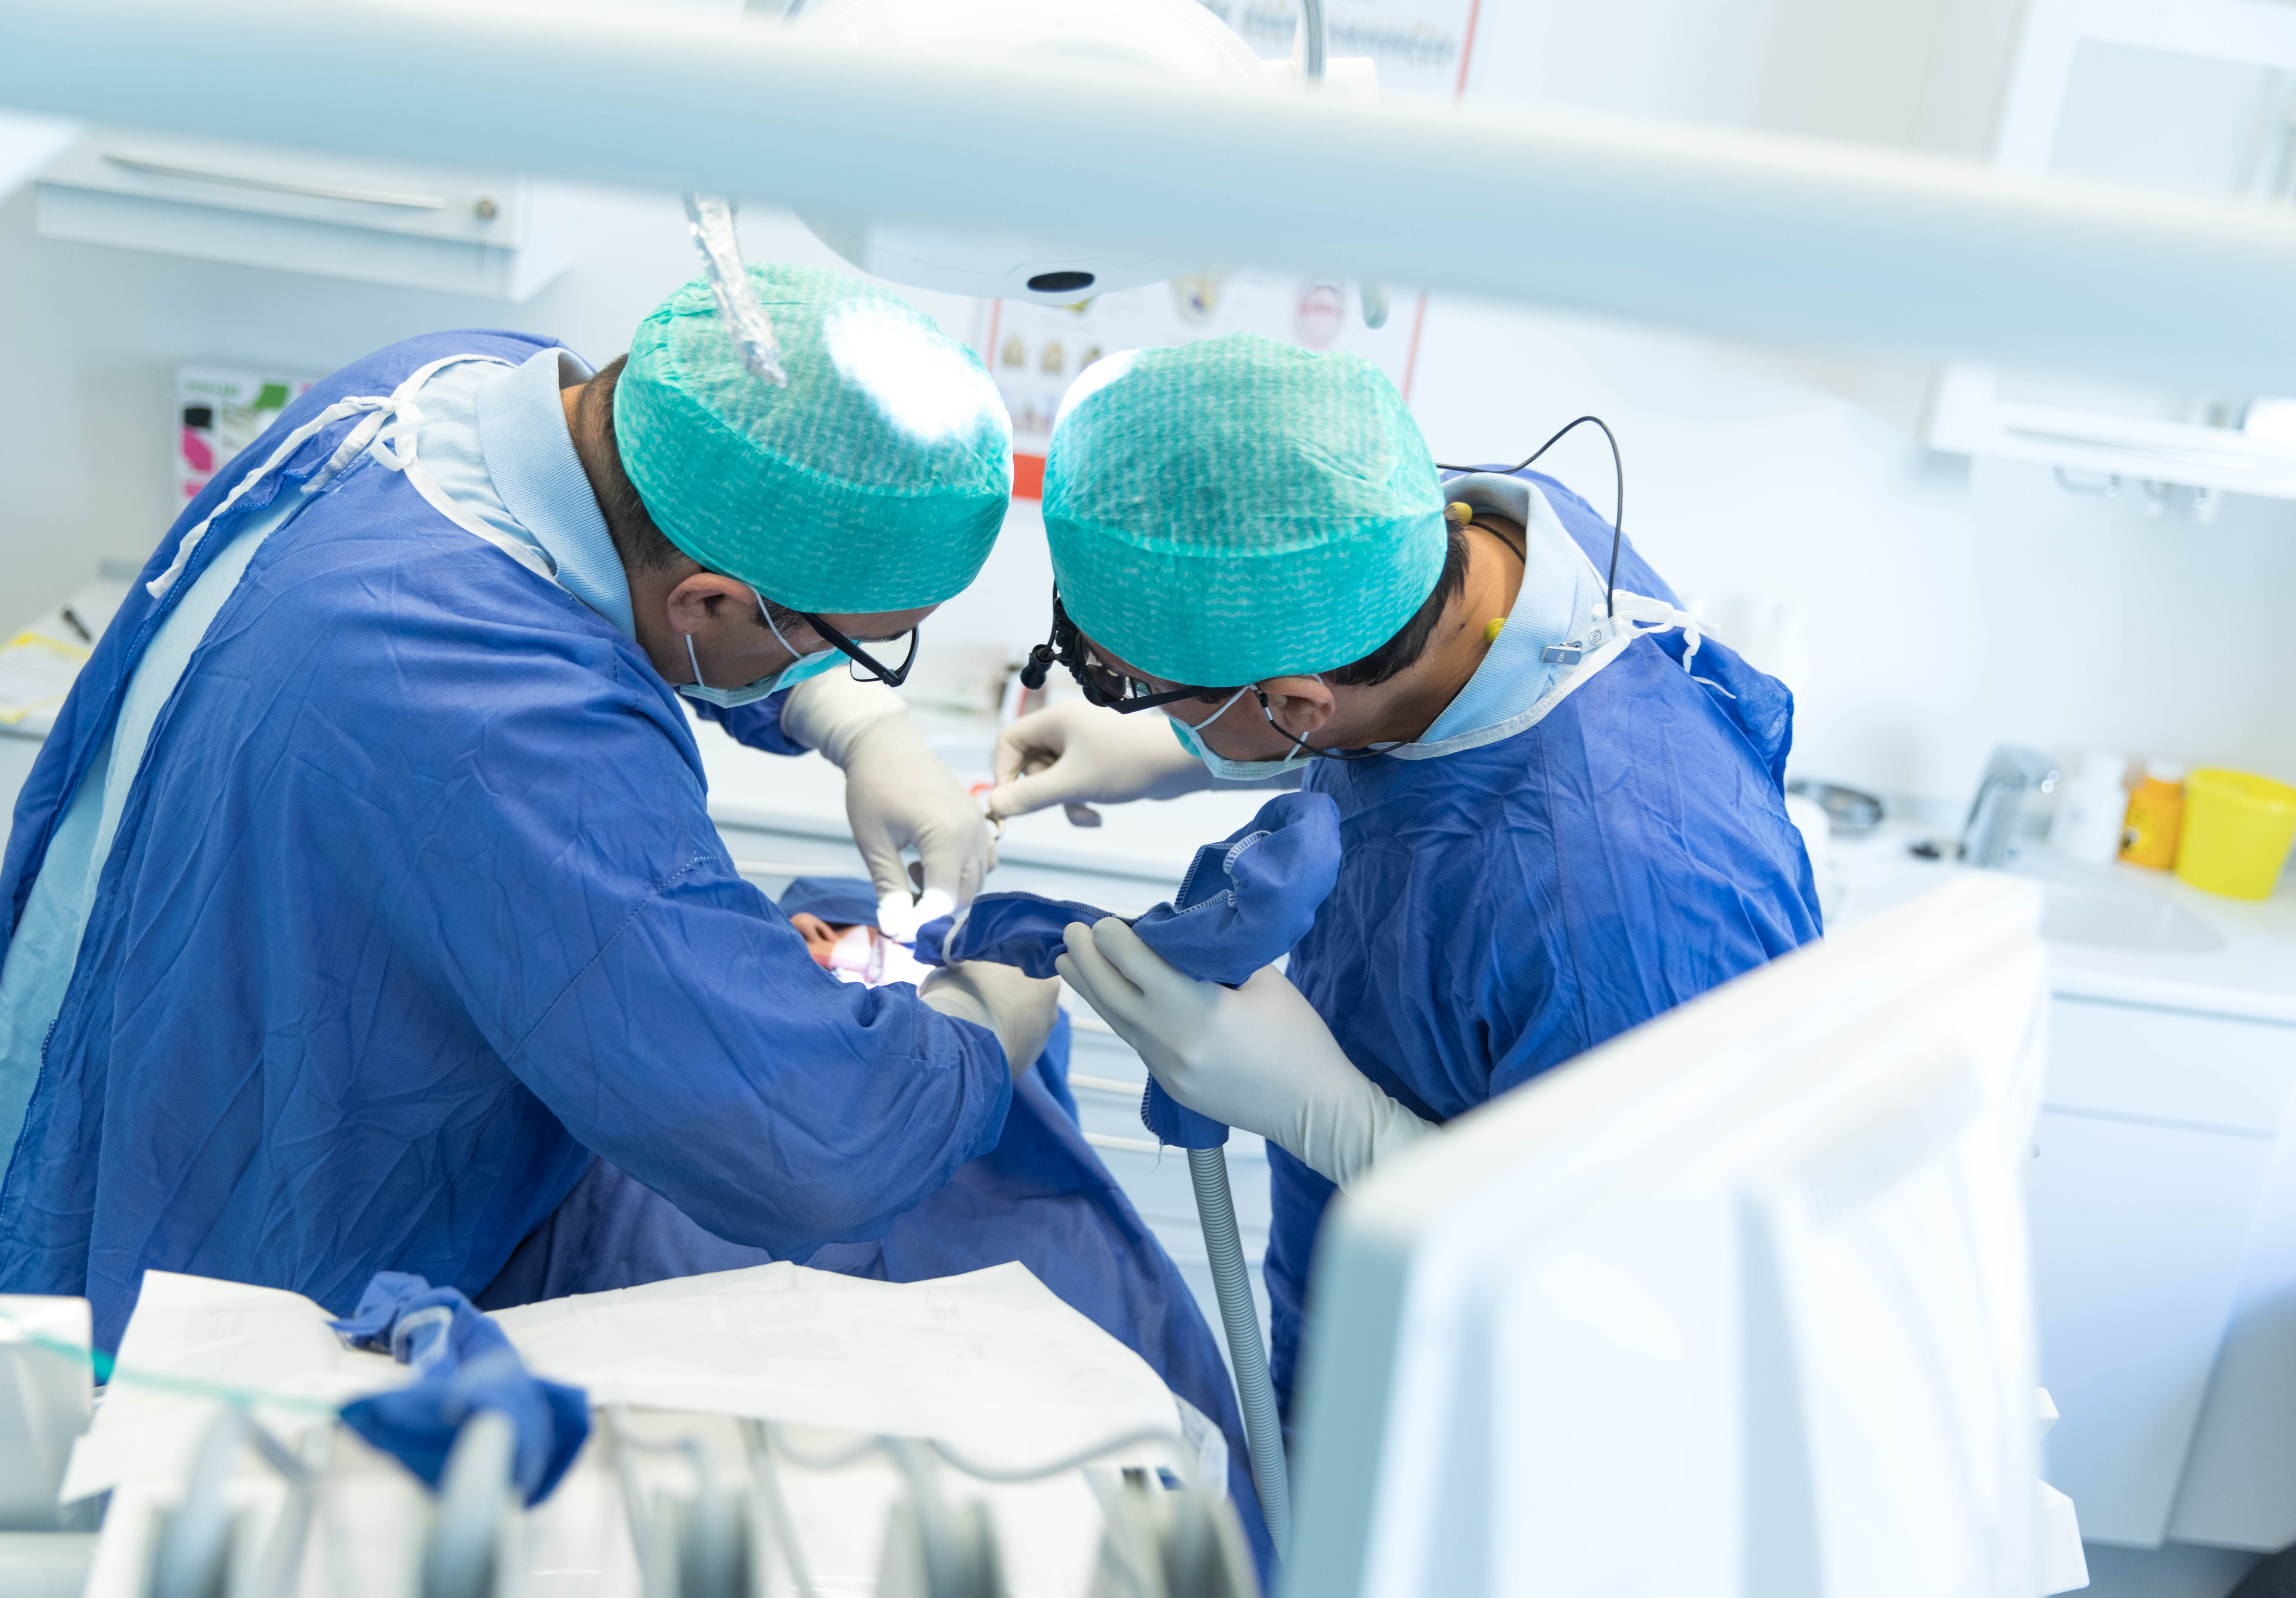 Tandlæge Mohsen Dasdar